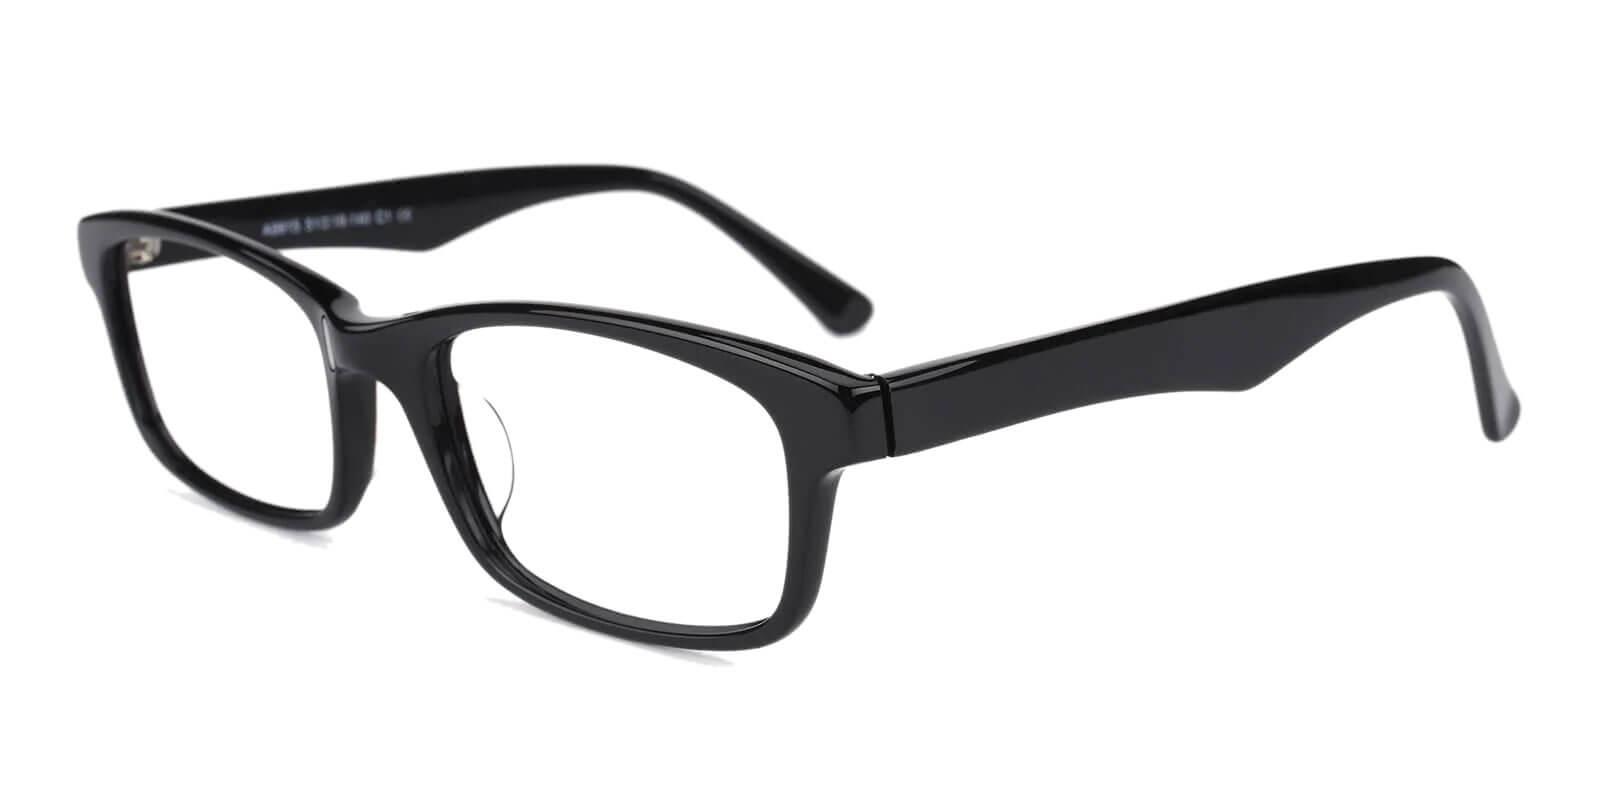 Enya Black Acetate Eyeglasses , UniversalBridgeFit Frames from ABBE Glasses